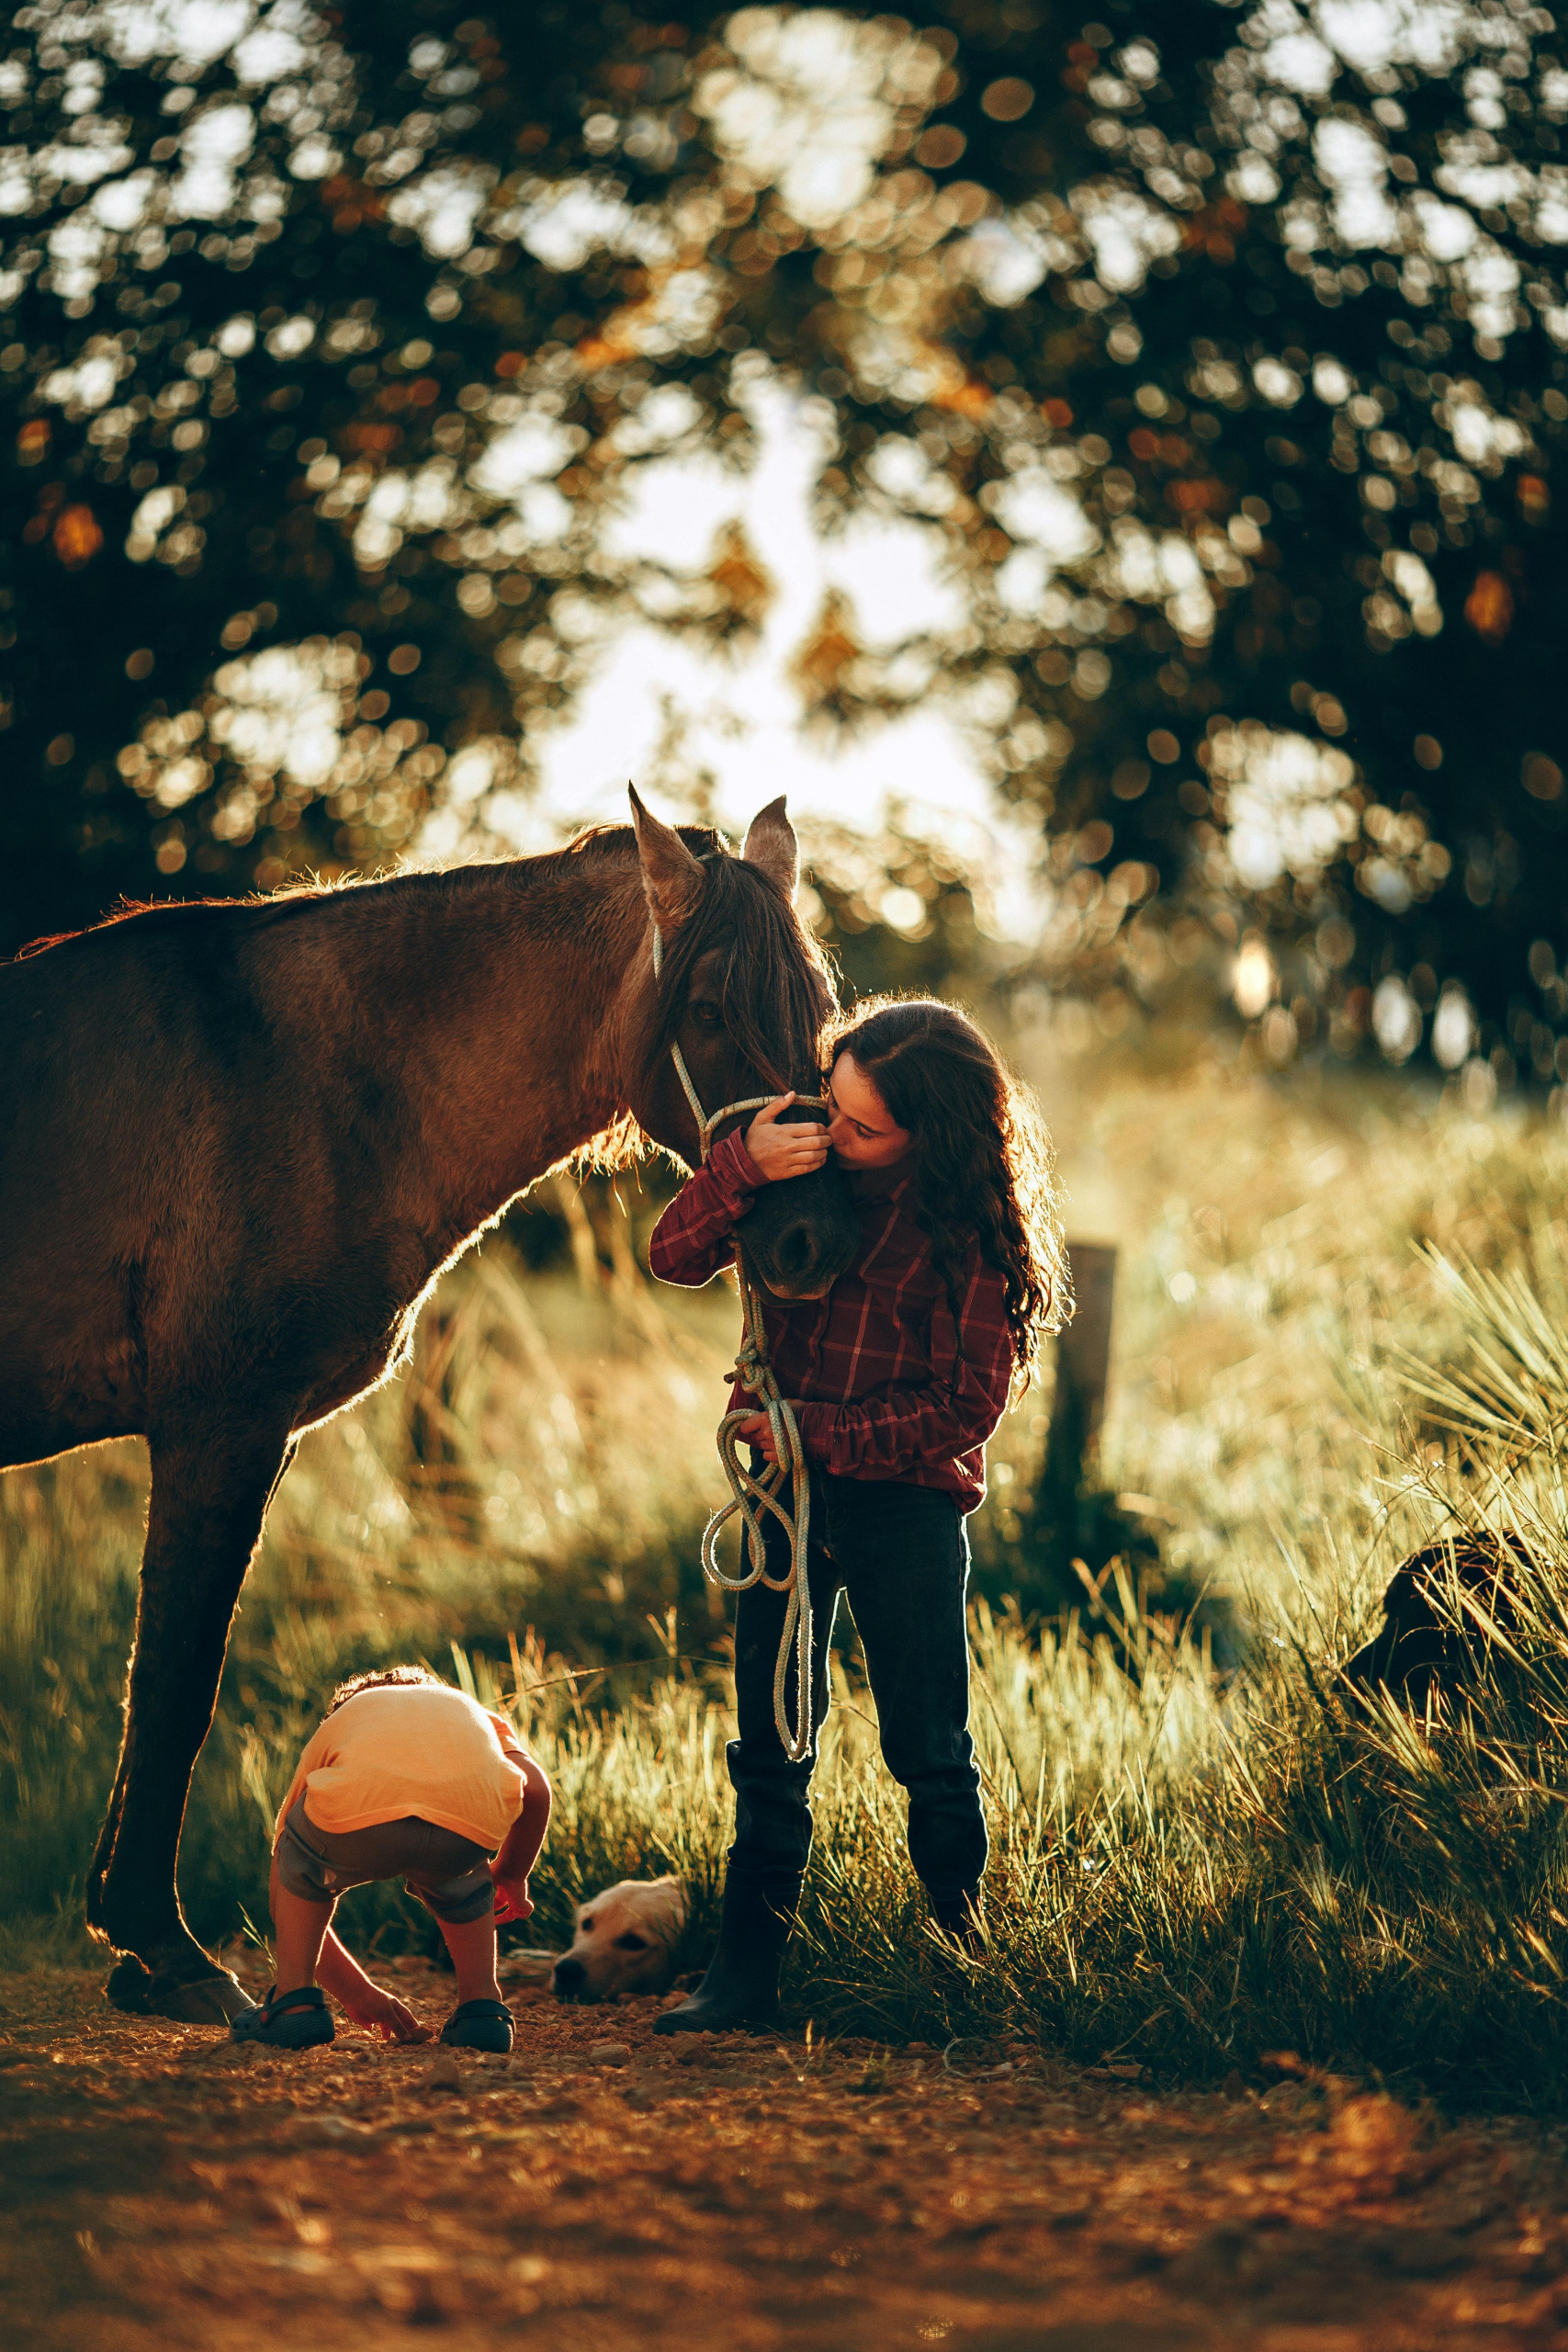 Campus bambini cavallo